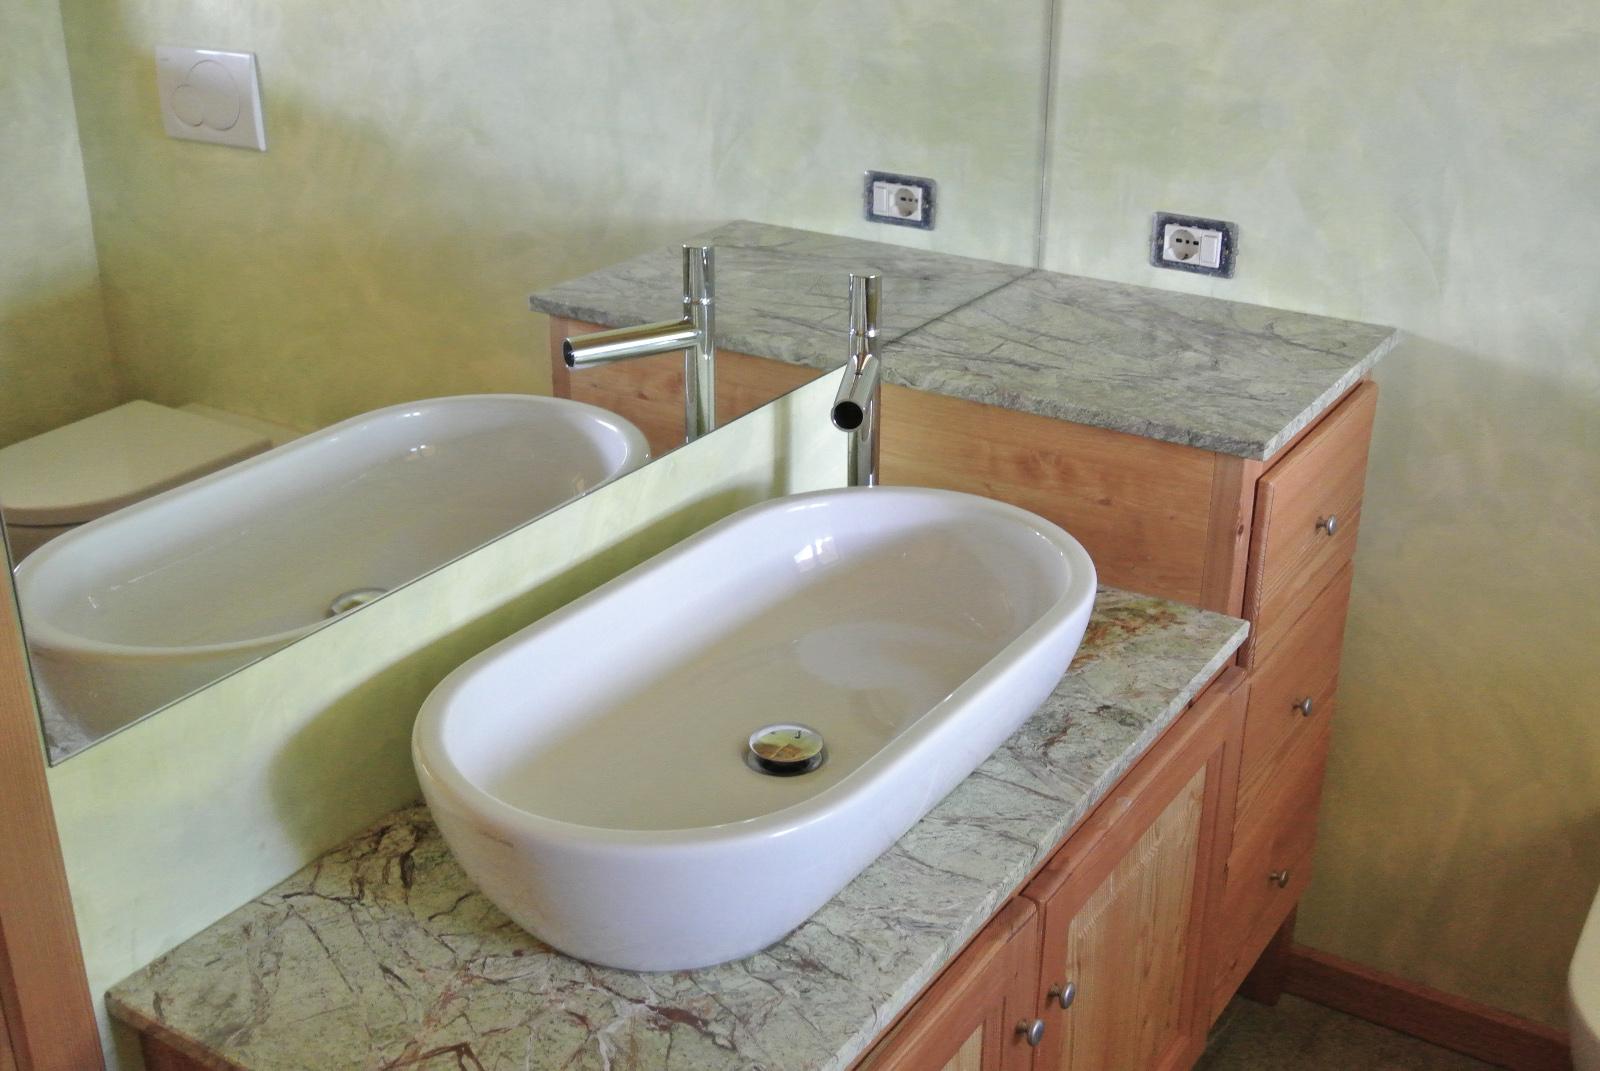 Works sintesibagno progetto e realizzazione arredobagno bagno baita - Sintesi bagno verbania ...